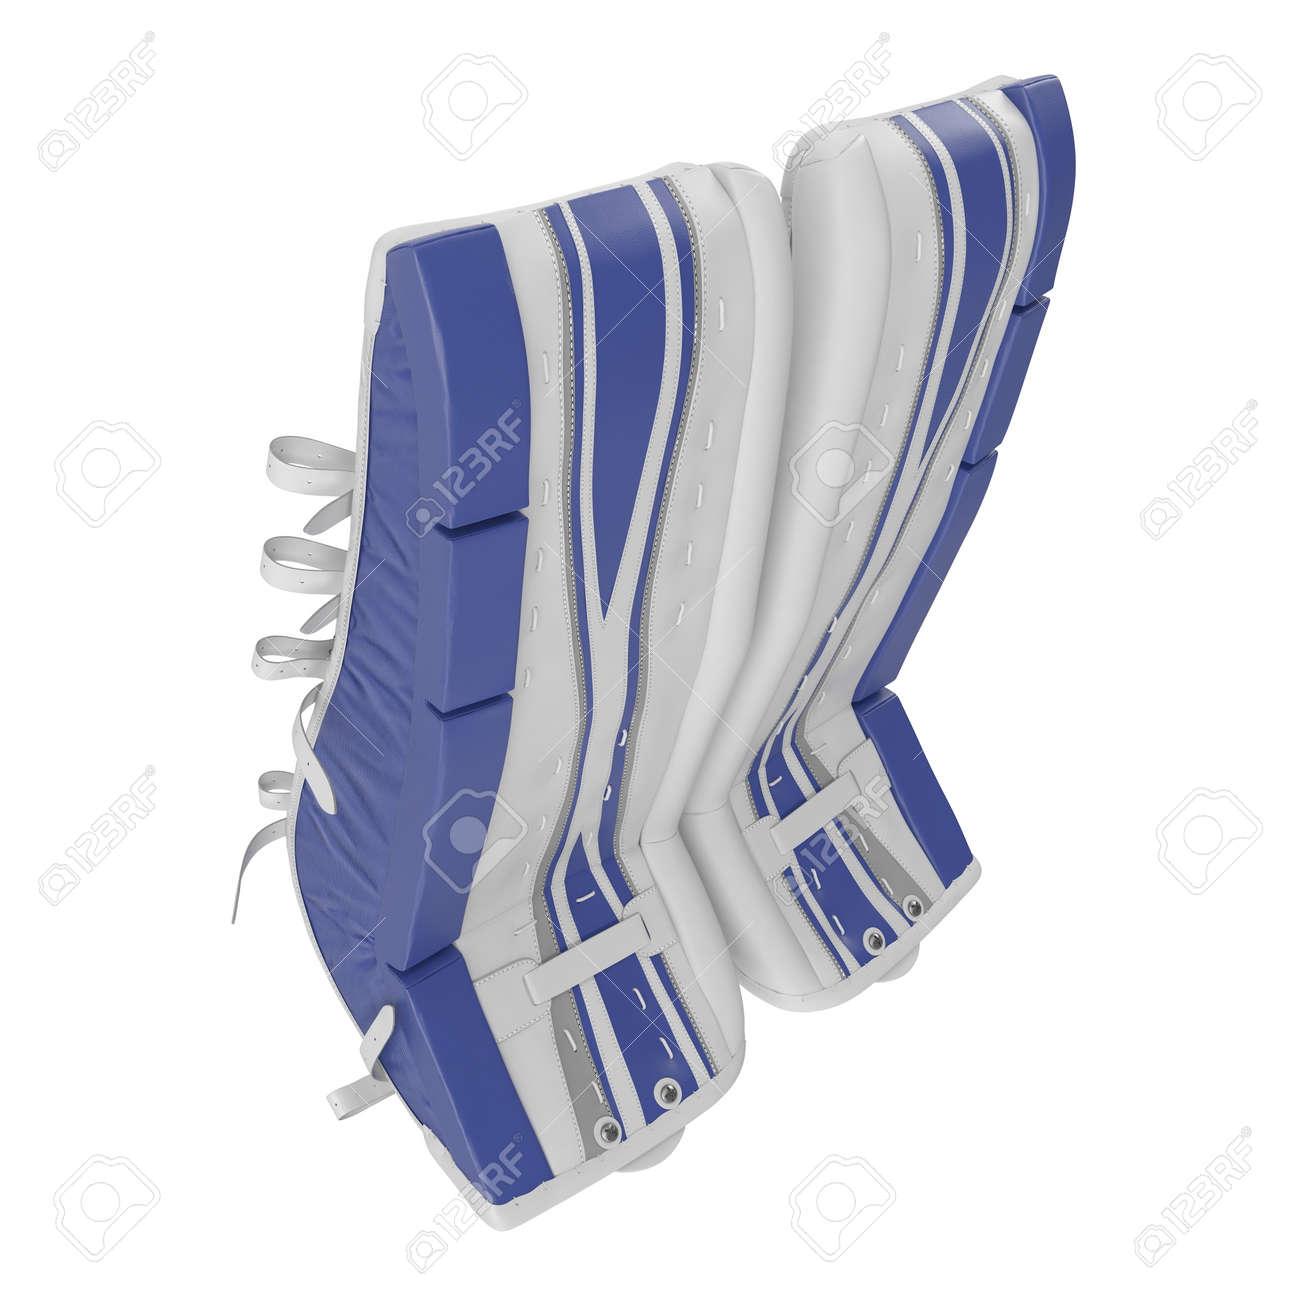 Hockey Goalie Leg Pads On White 3d Illustration Stock Photo